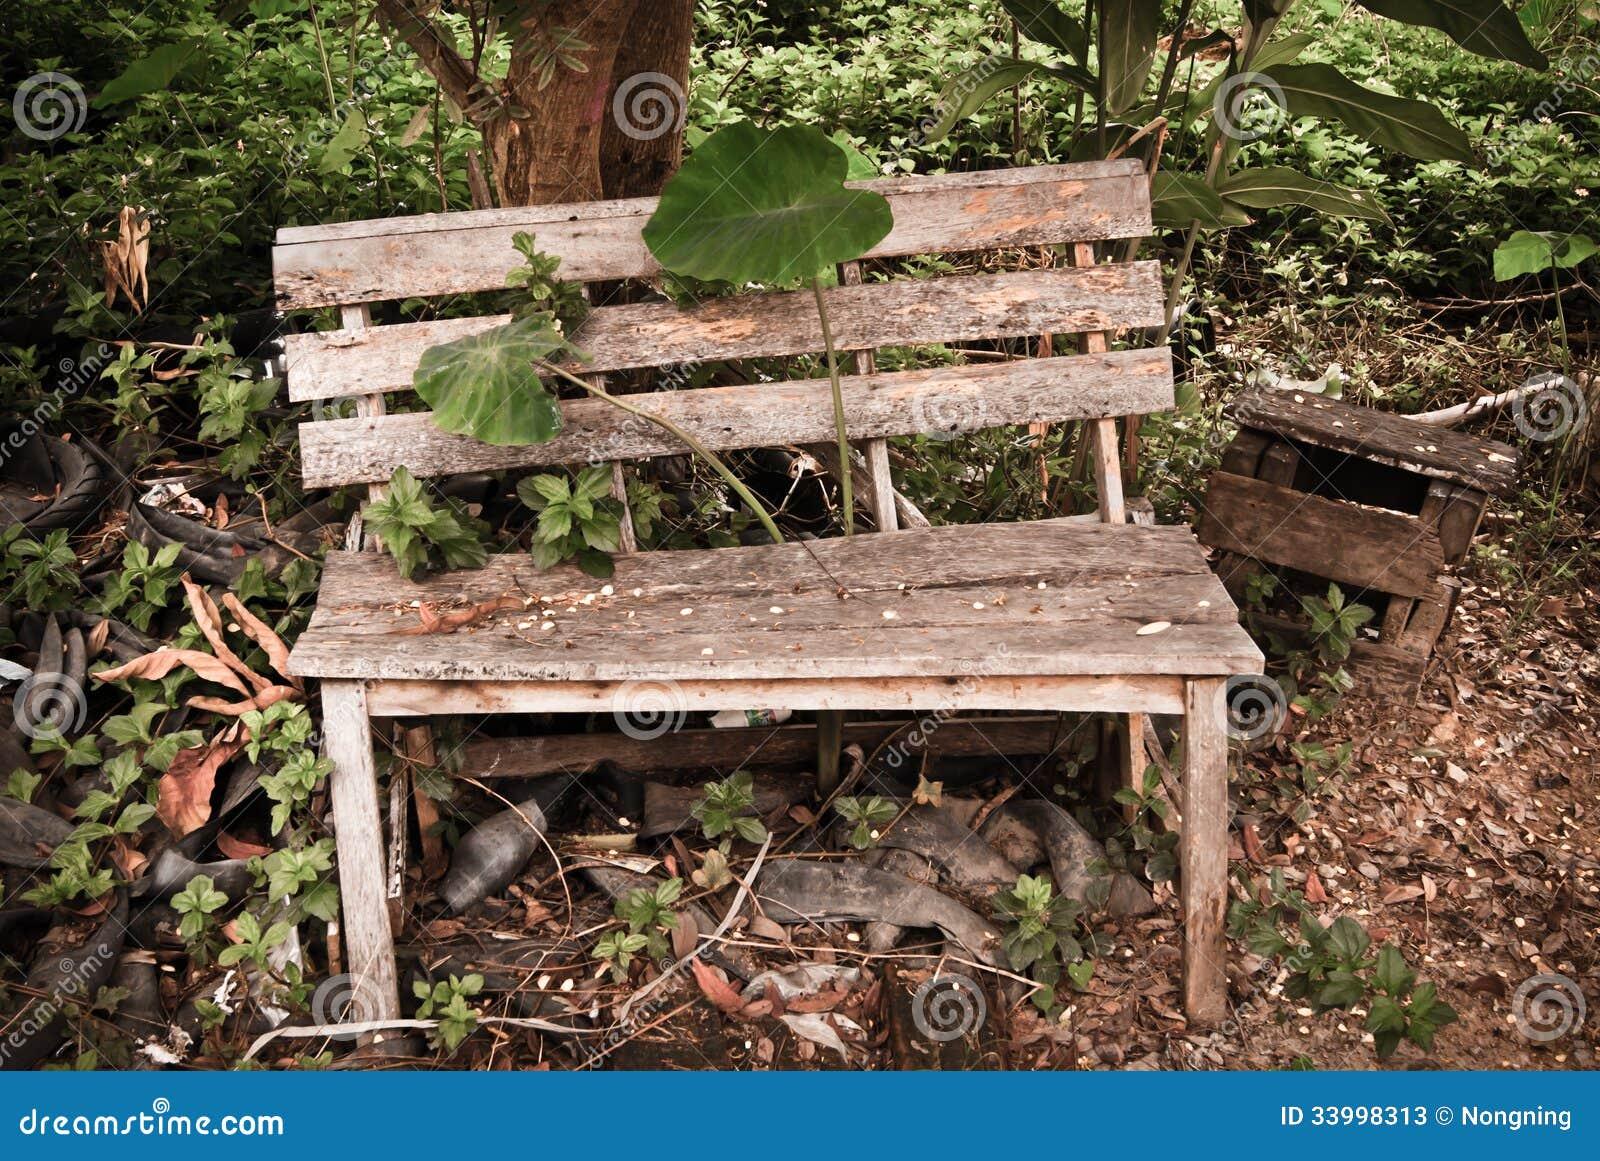 Vieux Banc De Jardin vieux banc en bois de jardin, image stock - image du stérile